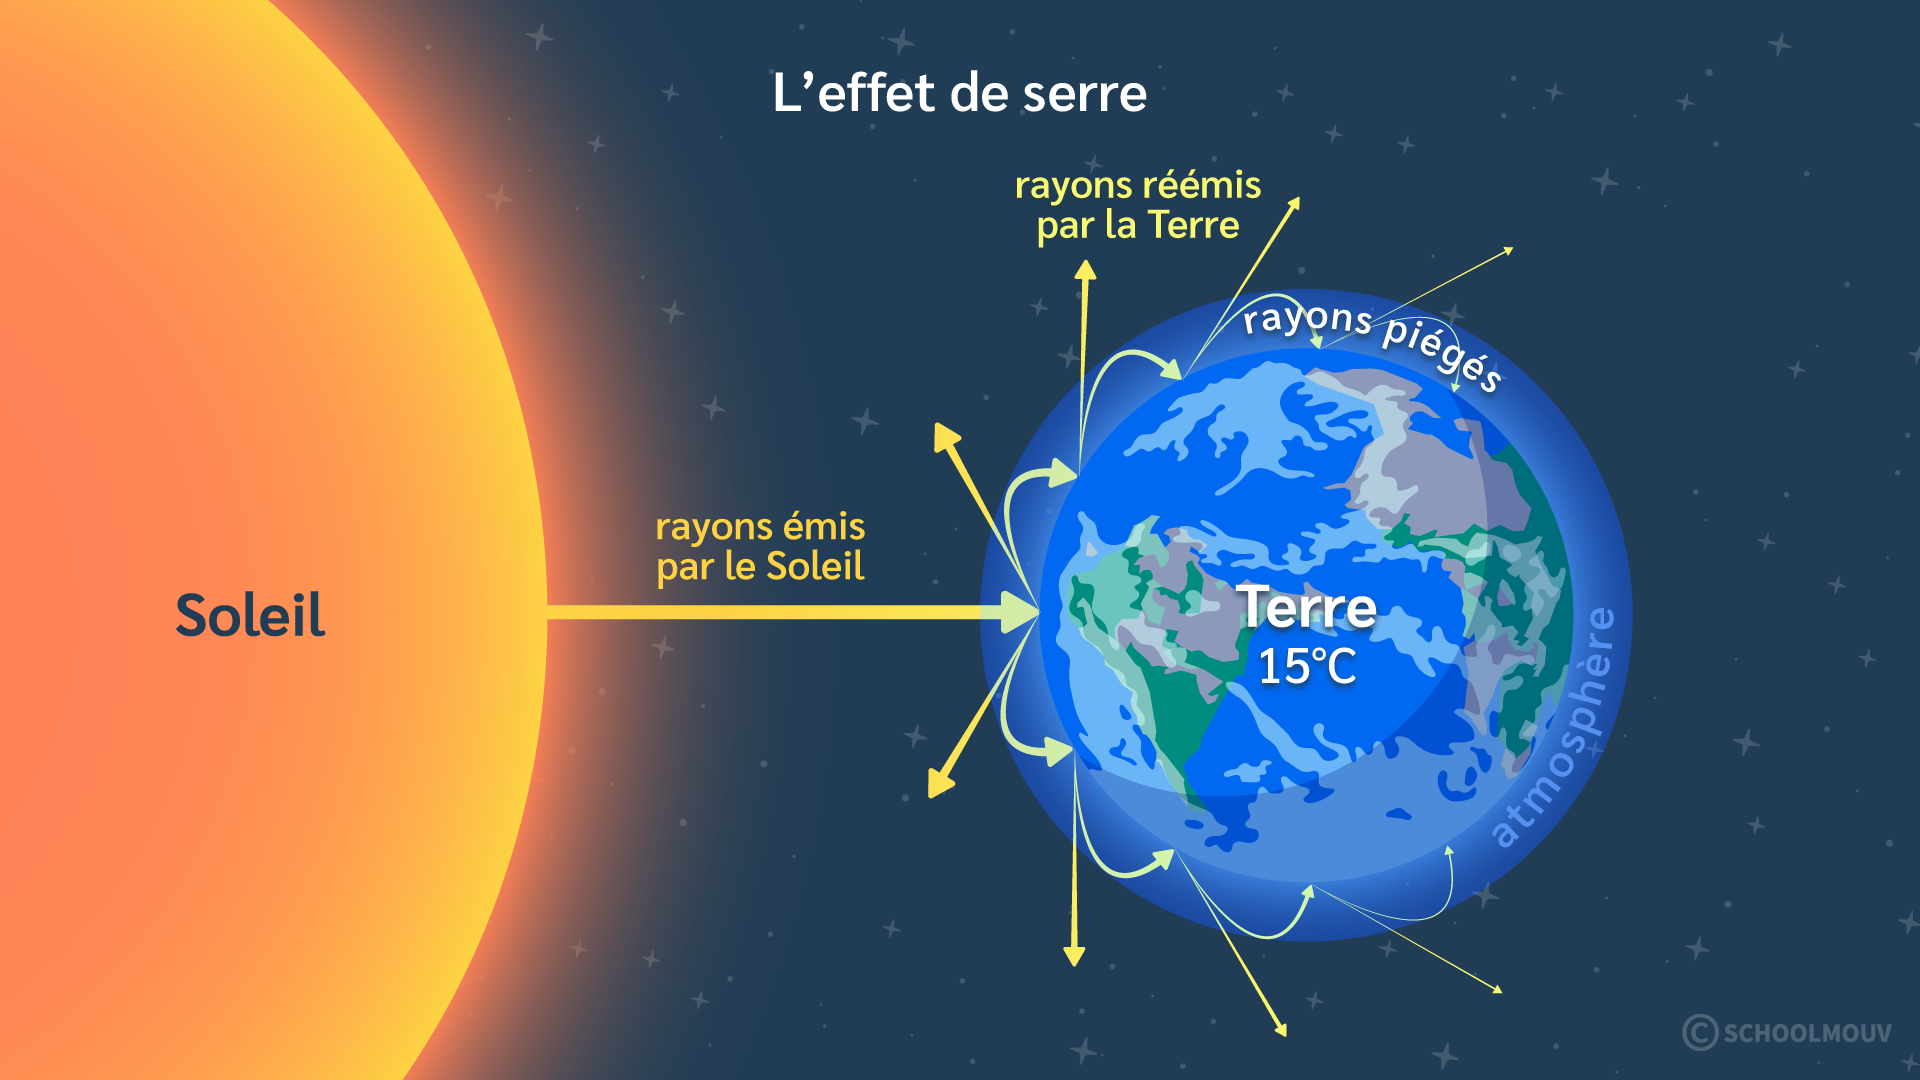 Primaire cm1 sciences technologies terre conditions vie terrestre atmosphère Terre Soleil rayons couche d'ozone atmosphère effet de serre